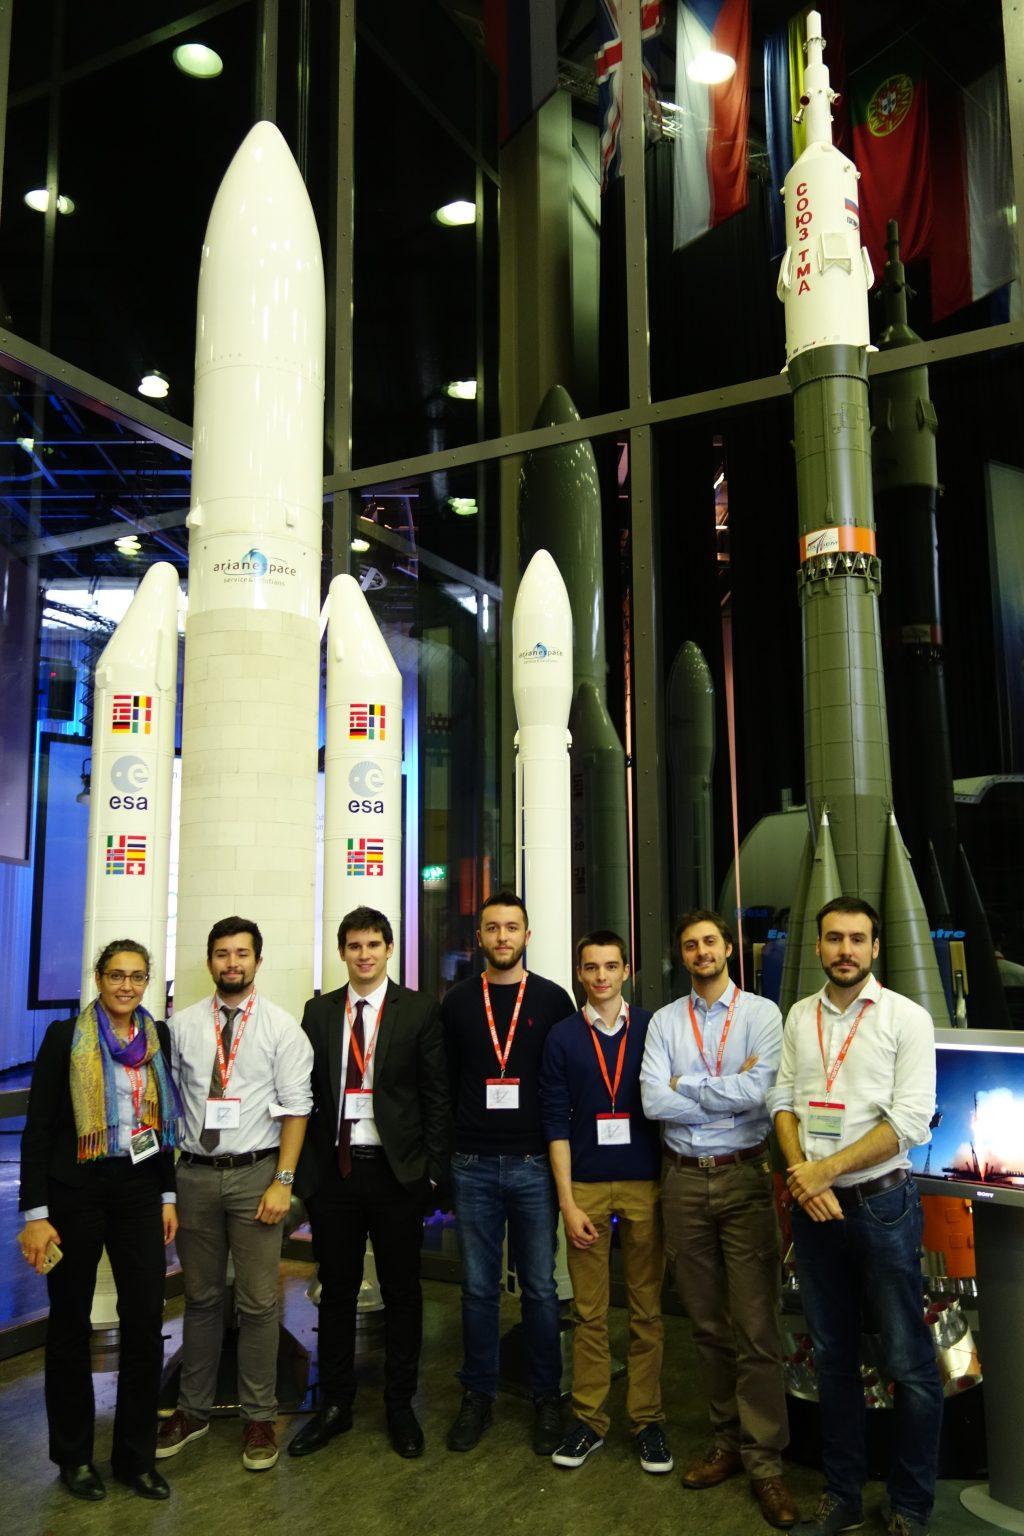 Une partie de l'équipe qui défendu le projet montpelliérain, du 1er au 5 mai, le seul en France à avoir été retenu. Photo ESA.